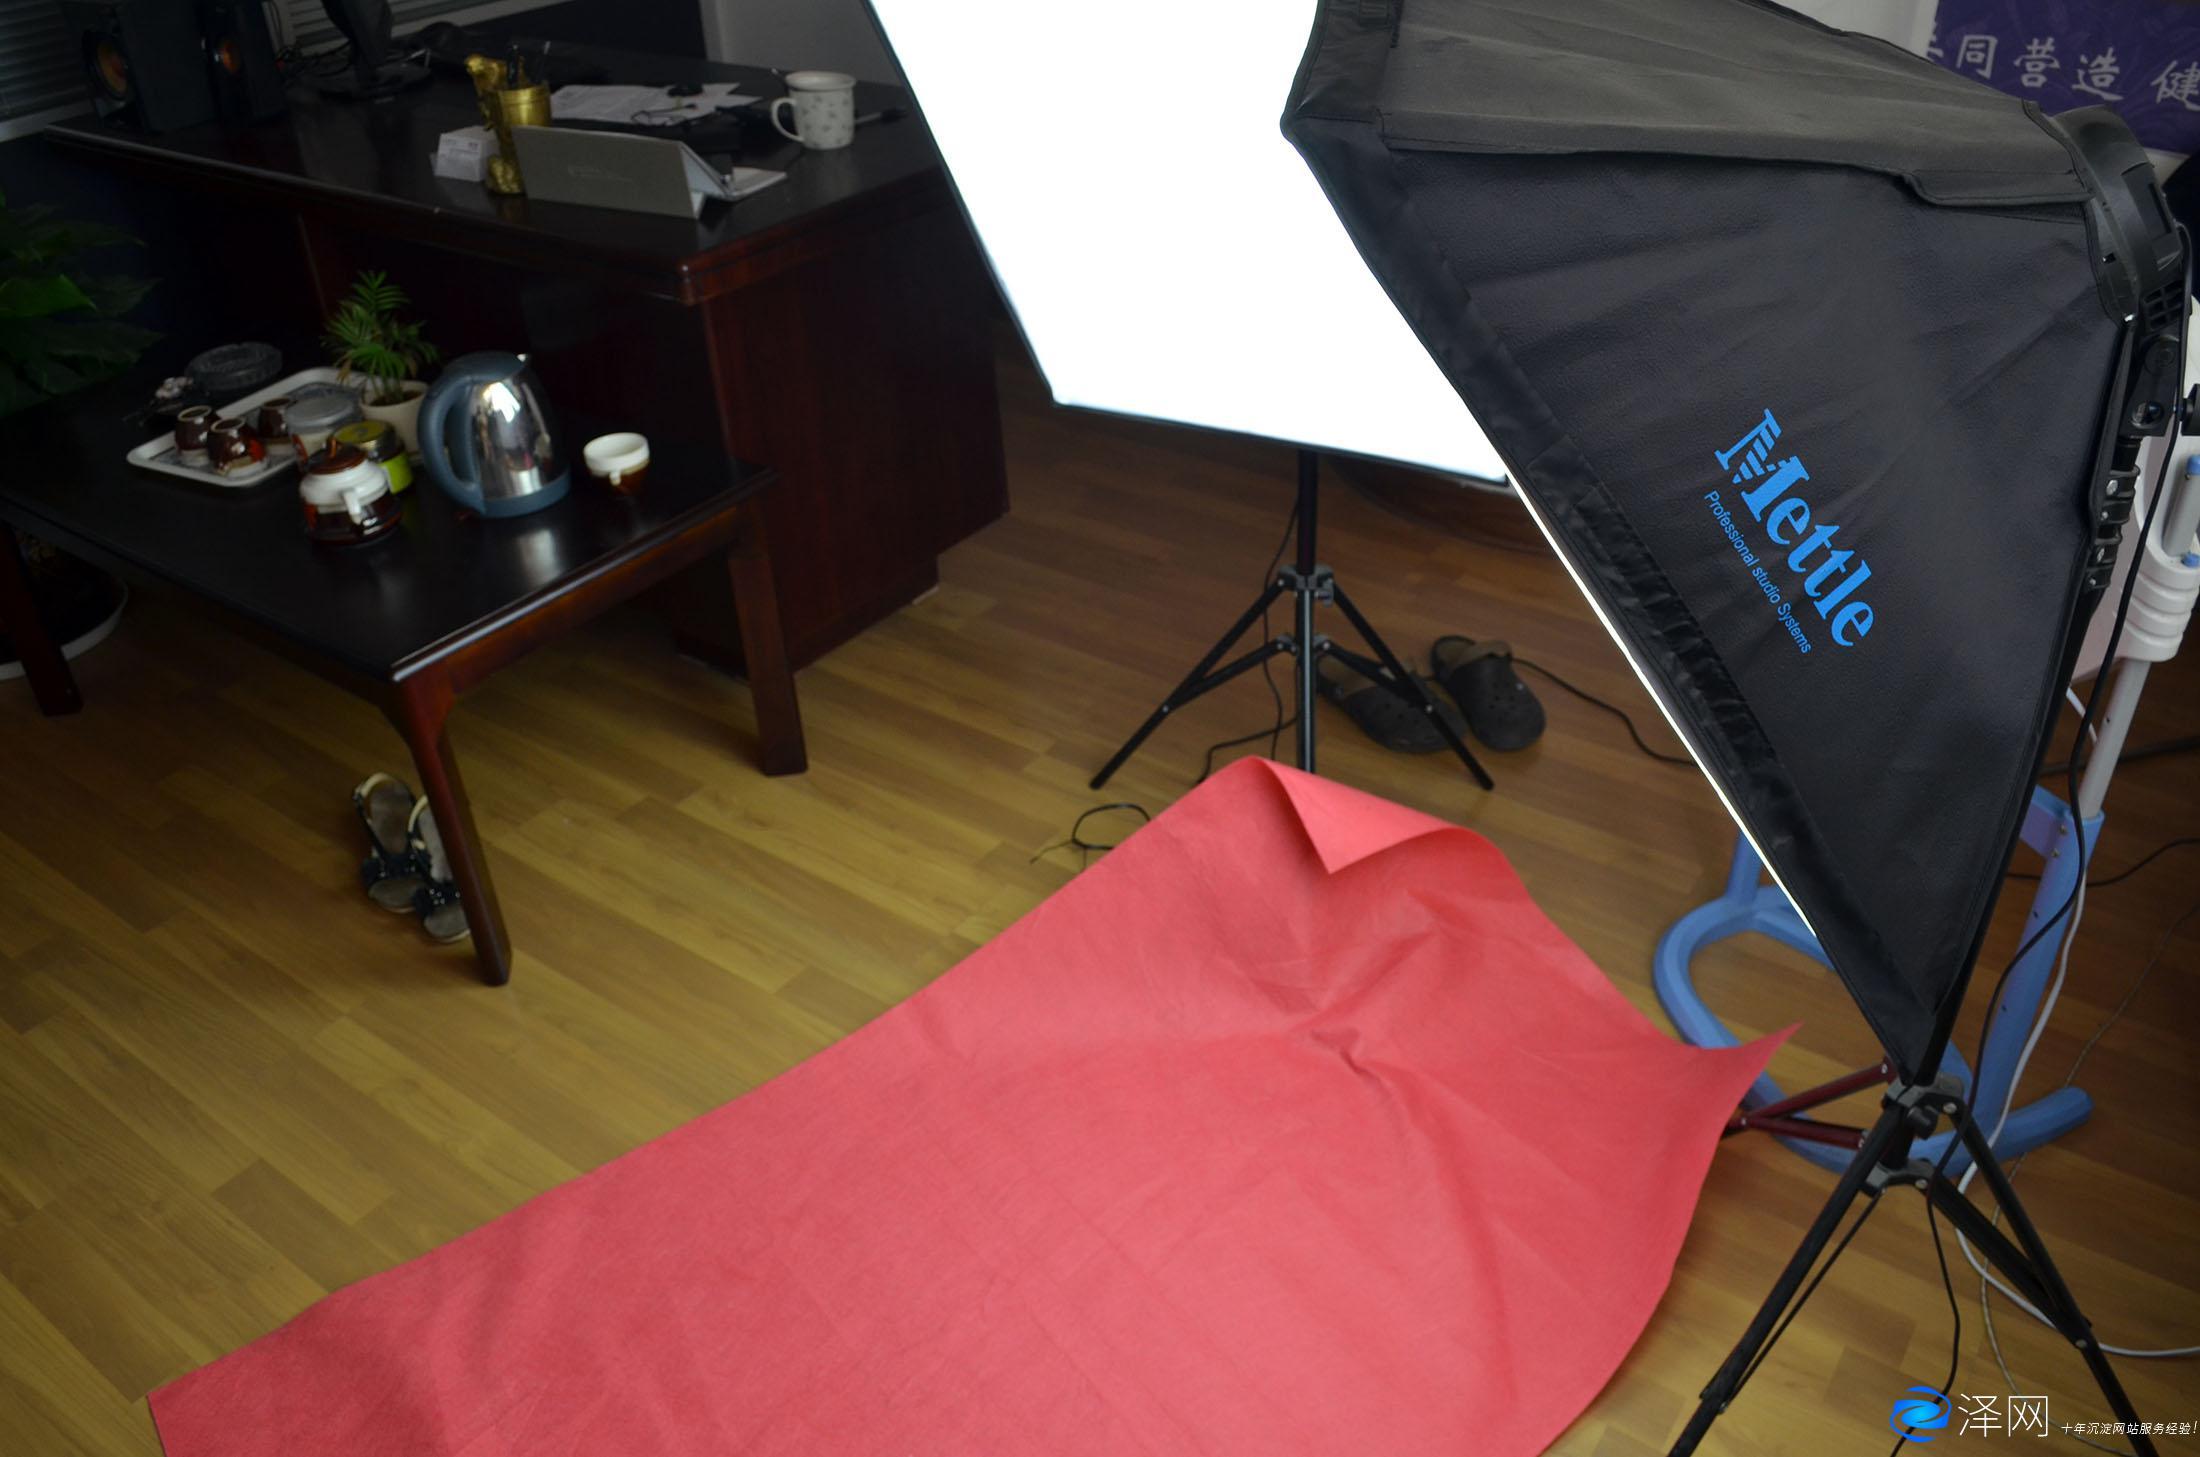 电器公司电子产品官图摄影拍照 商业摄影 太仓商业摄影 昆山商业摄影 常熟商业摄影 张家港商业摄影 苏州商业摄影 第3张